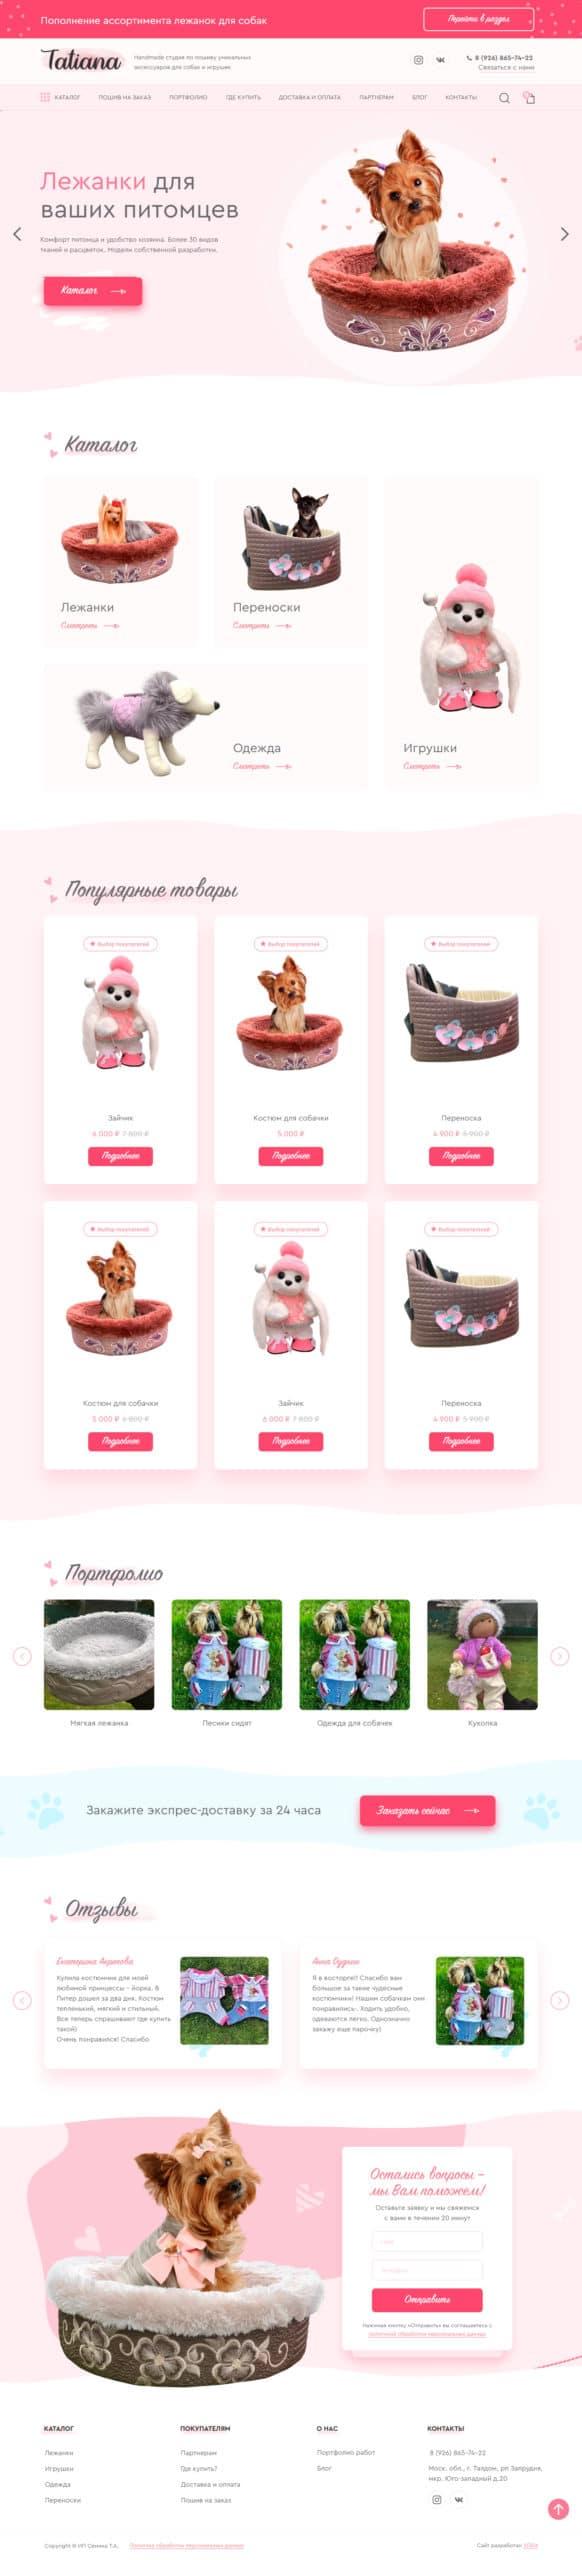 Изображение анонса сайта Tatiana.store